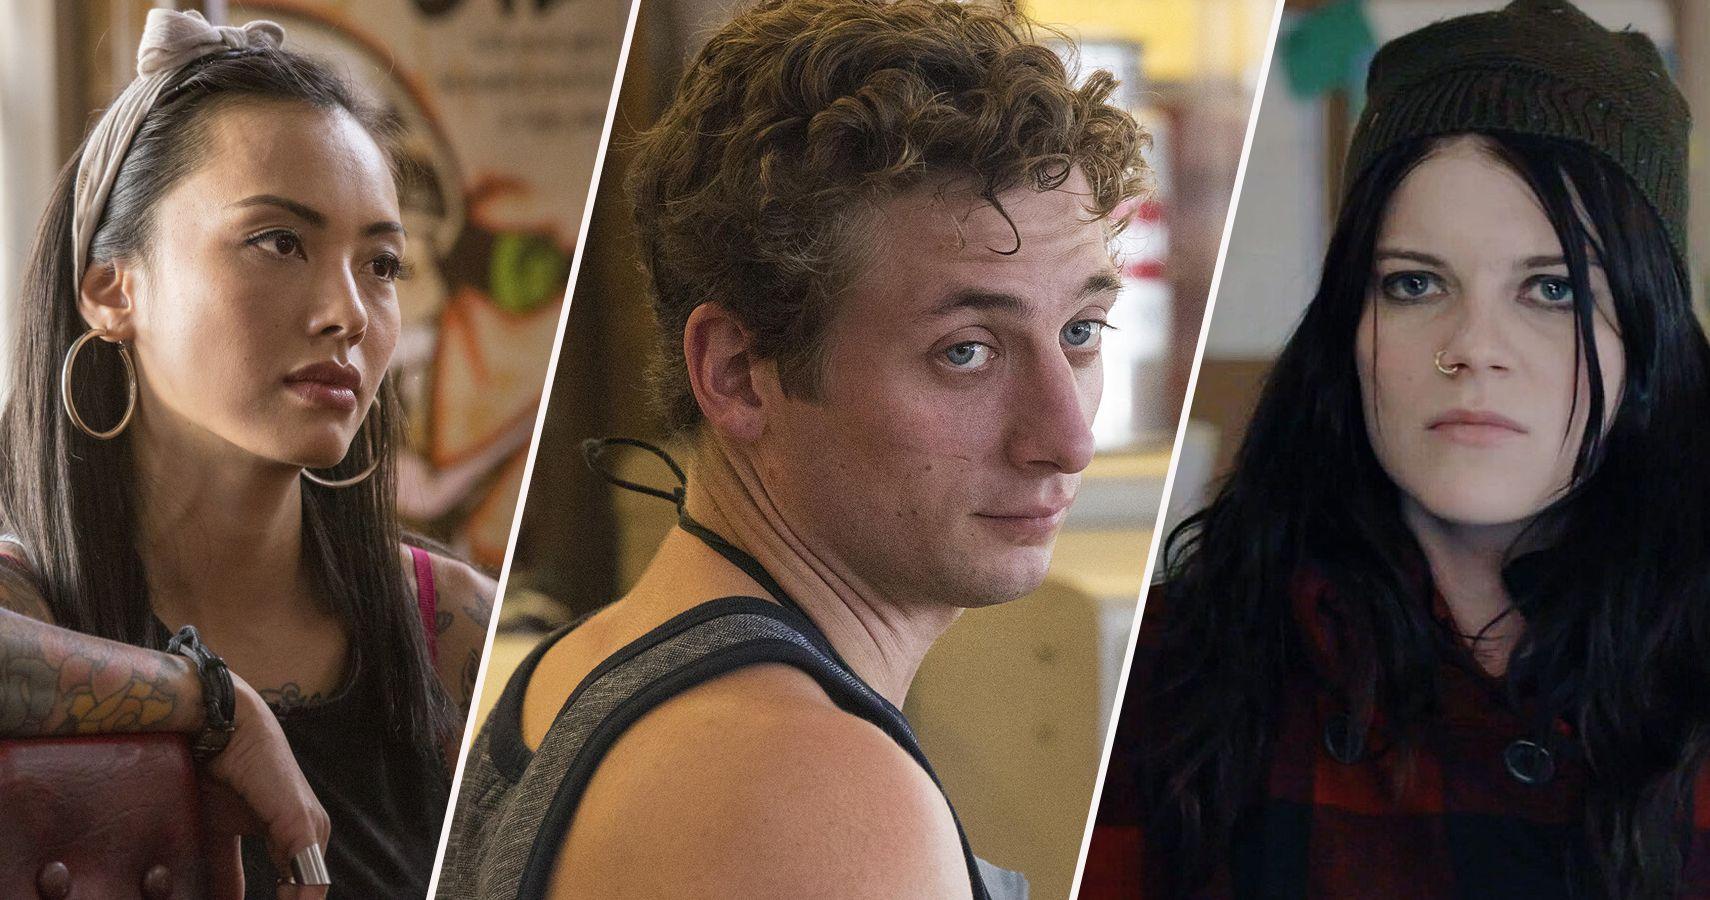 Best big tit college porn stars